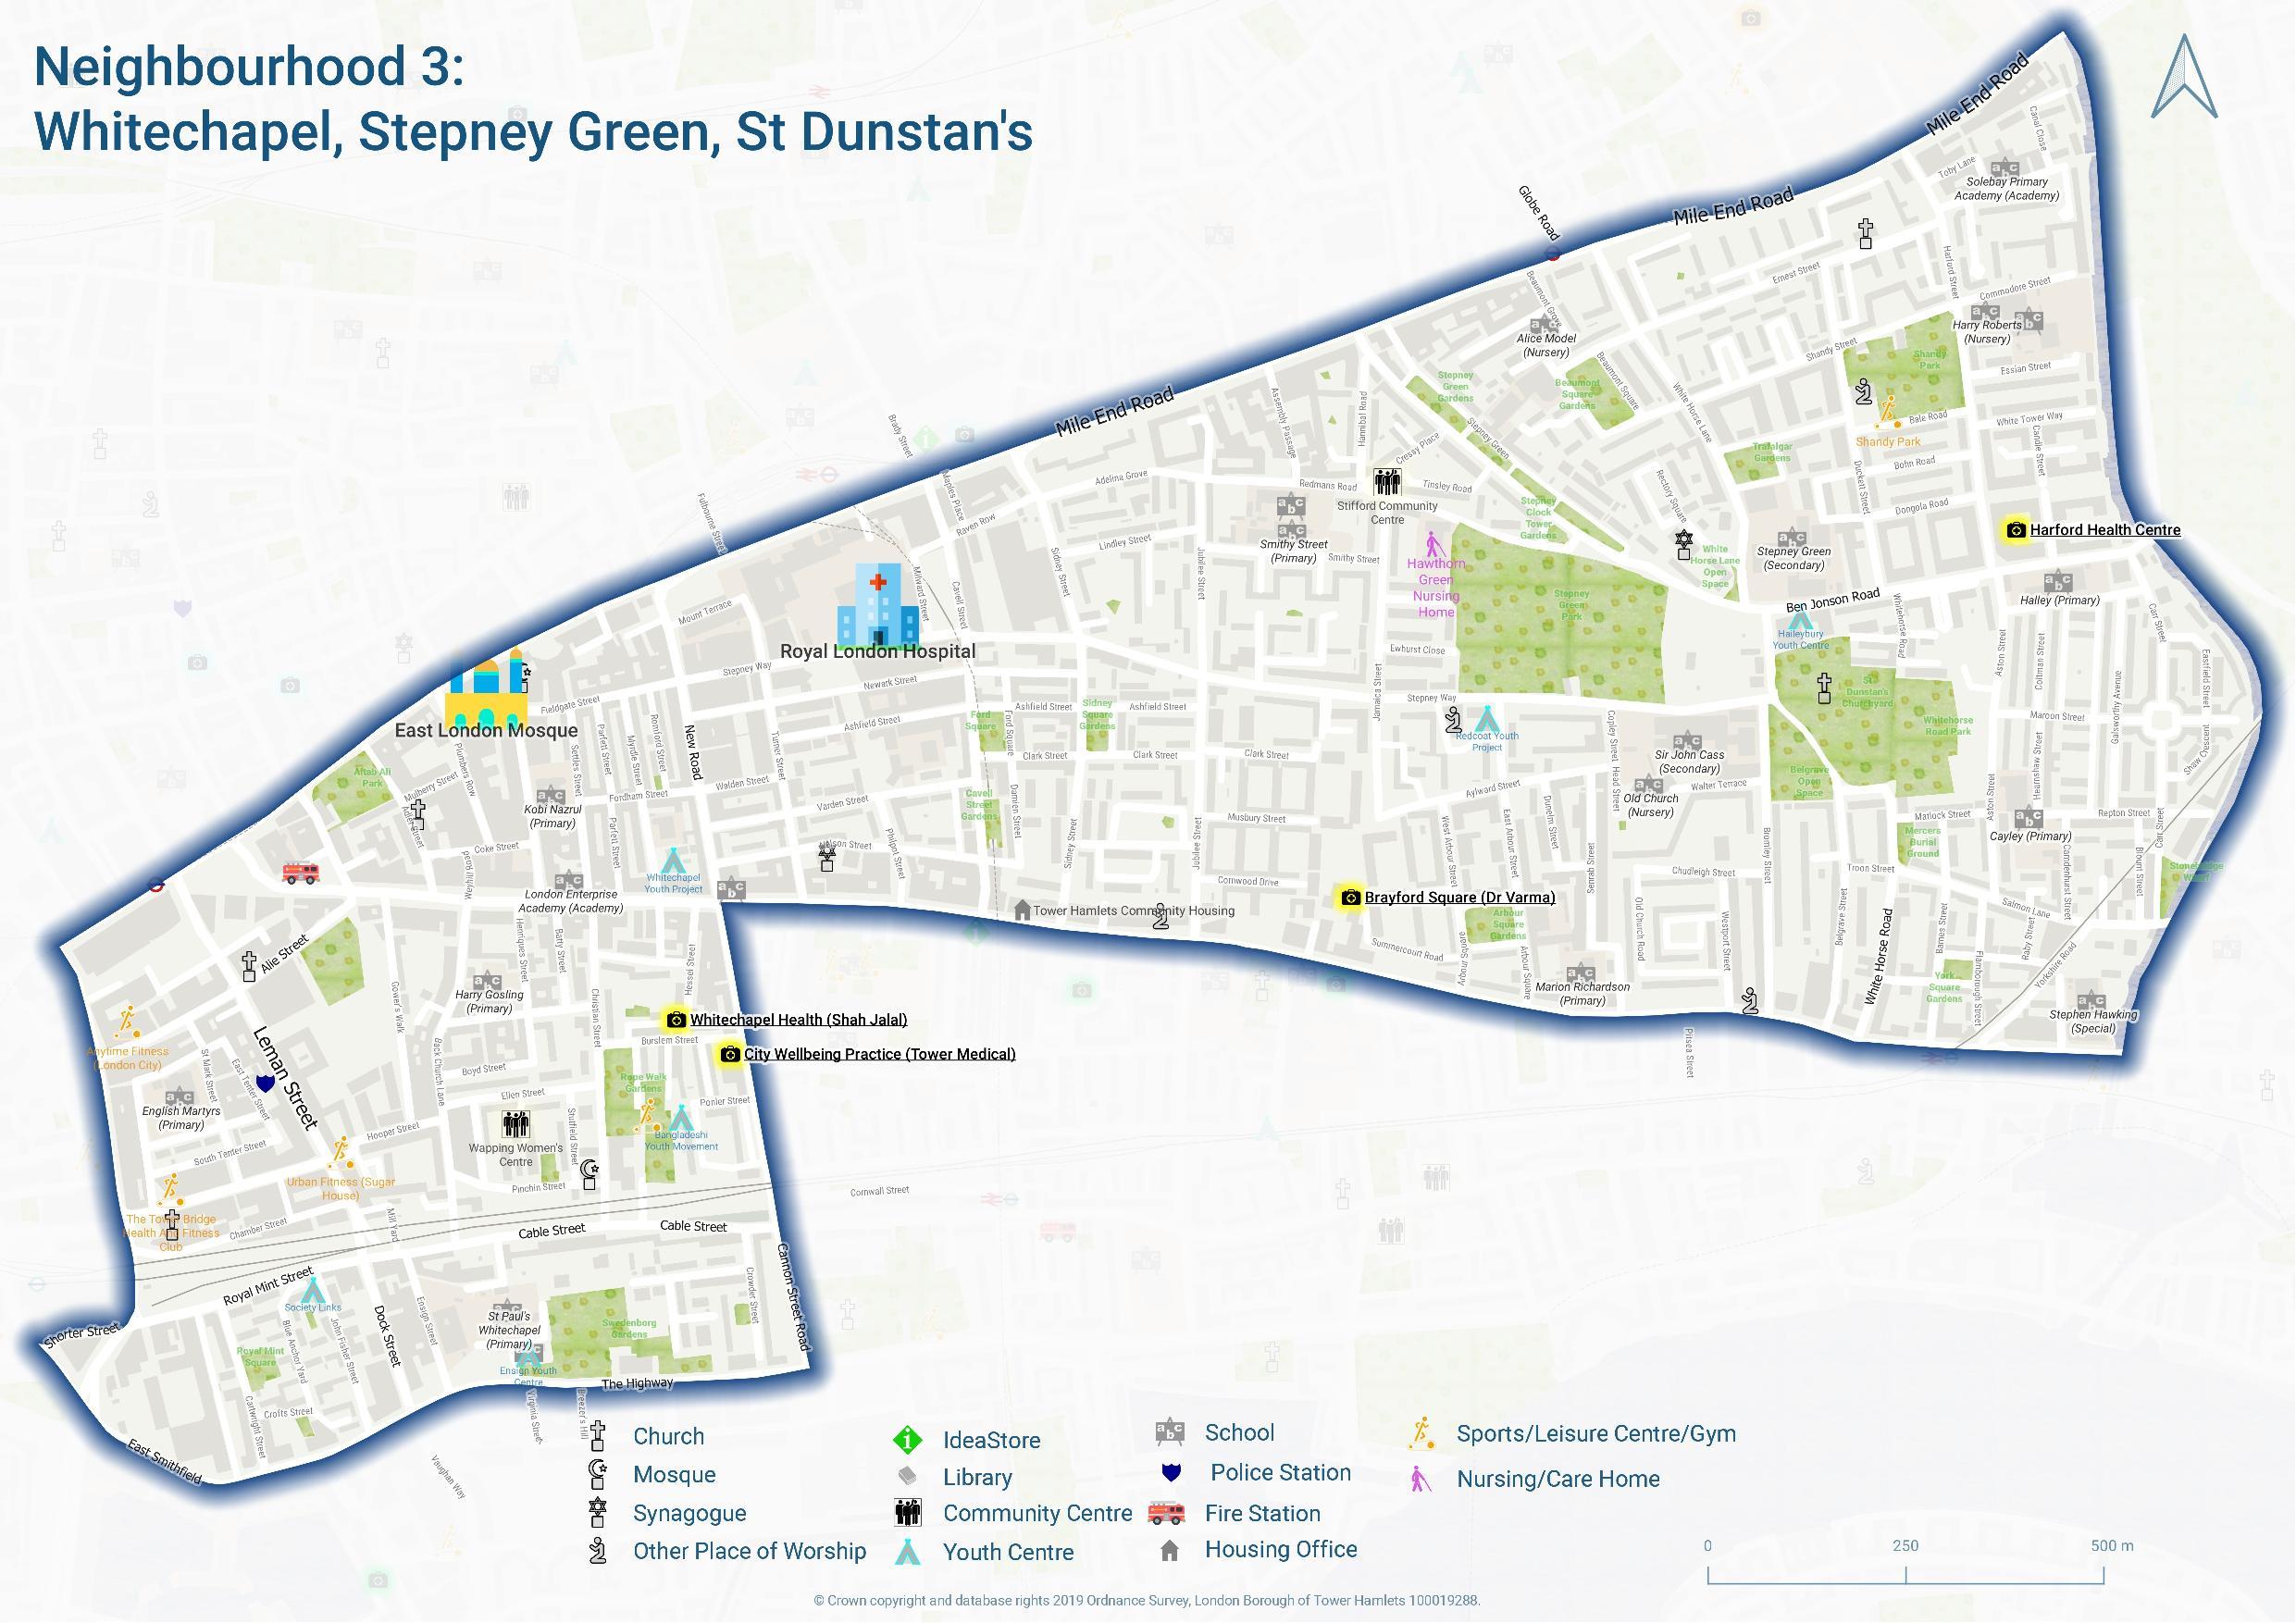 Whitechapel, Stepney, St Dunstans